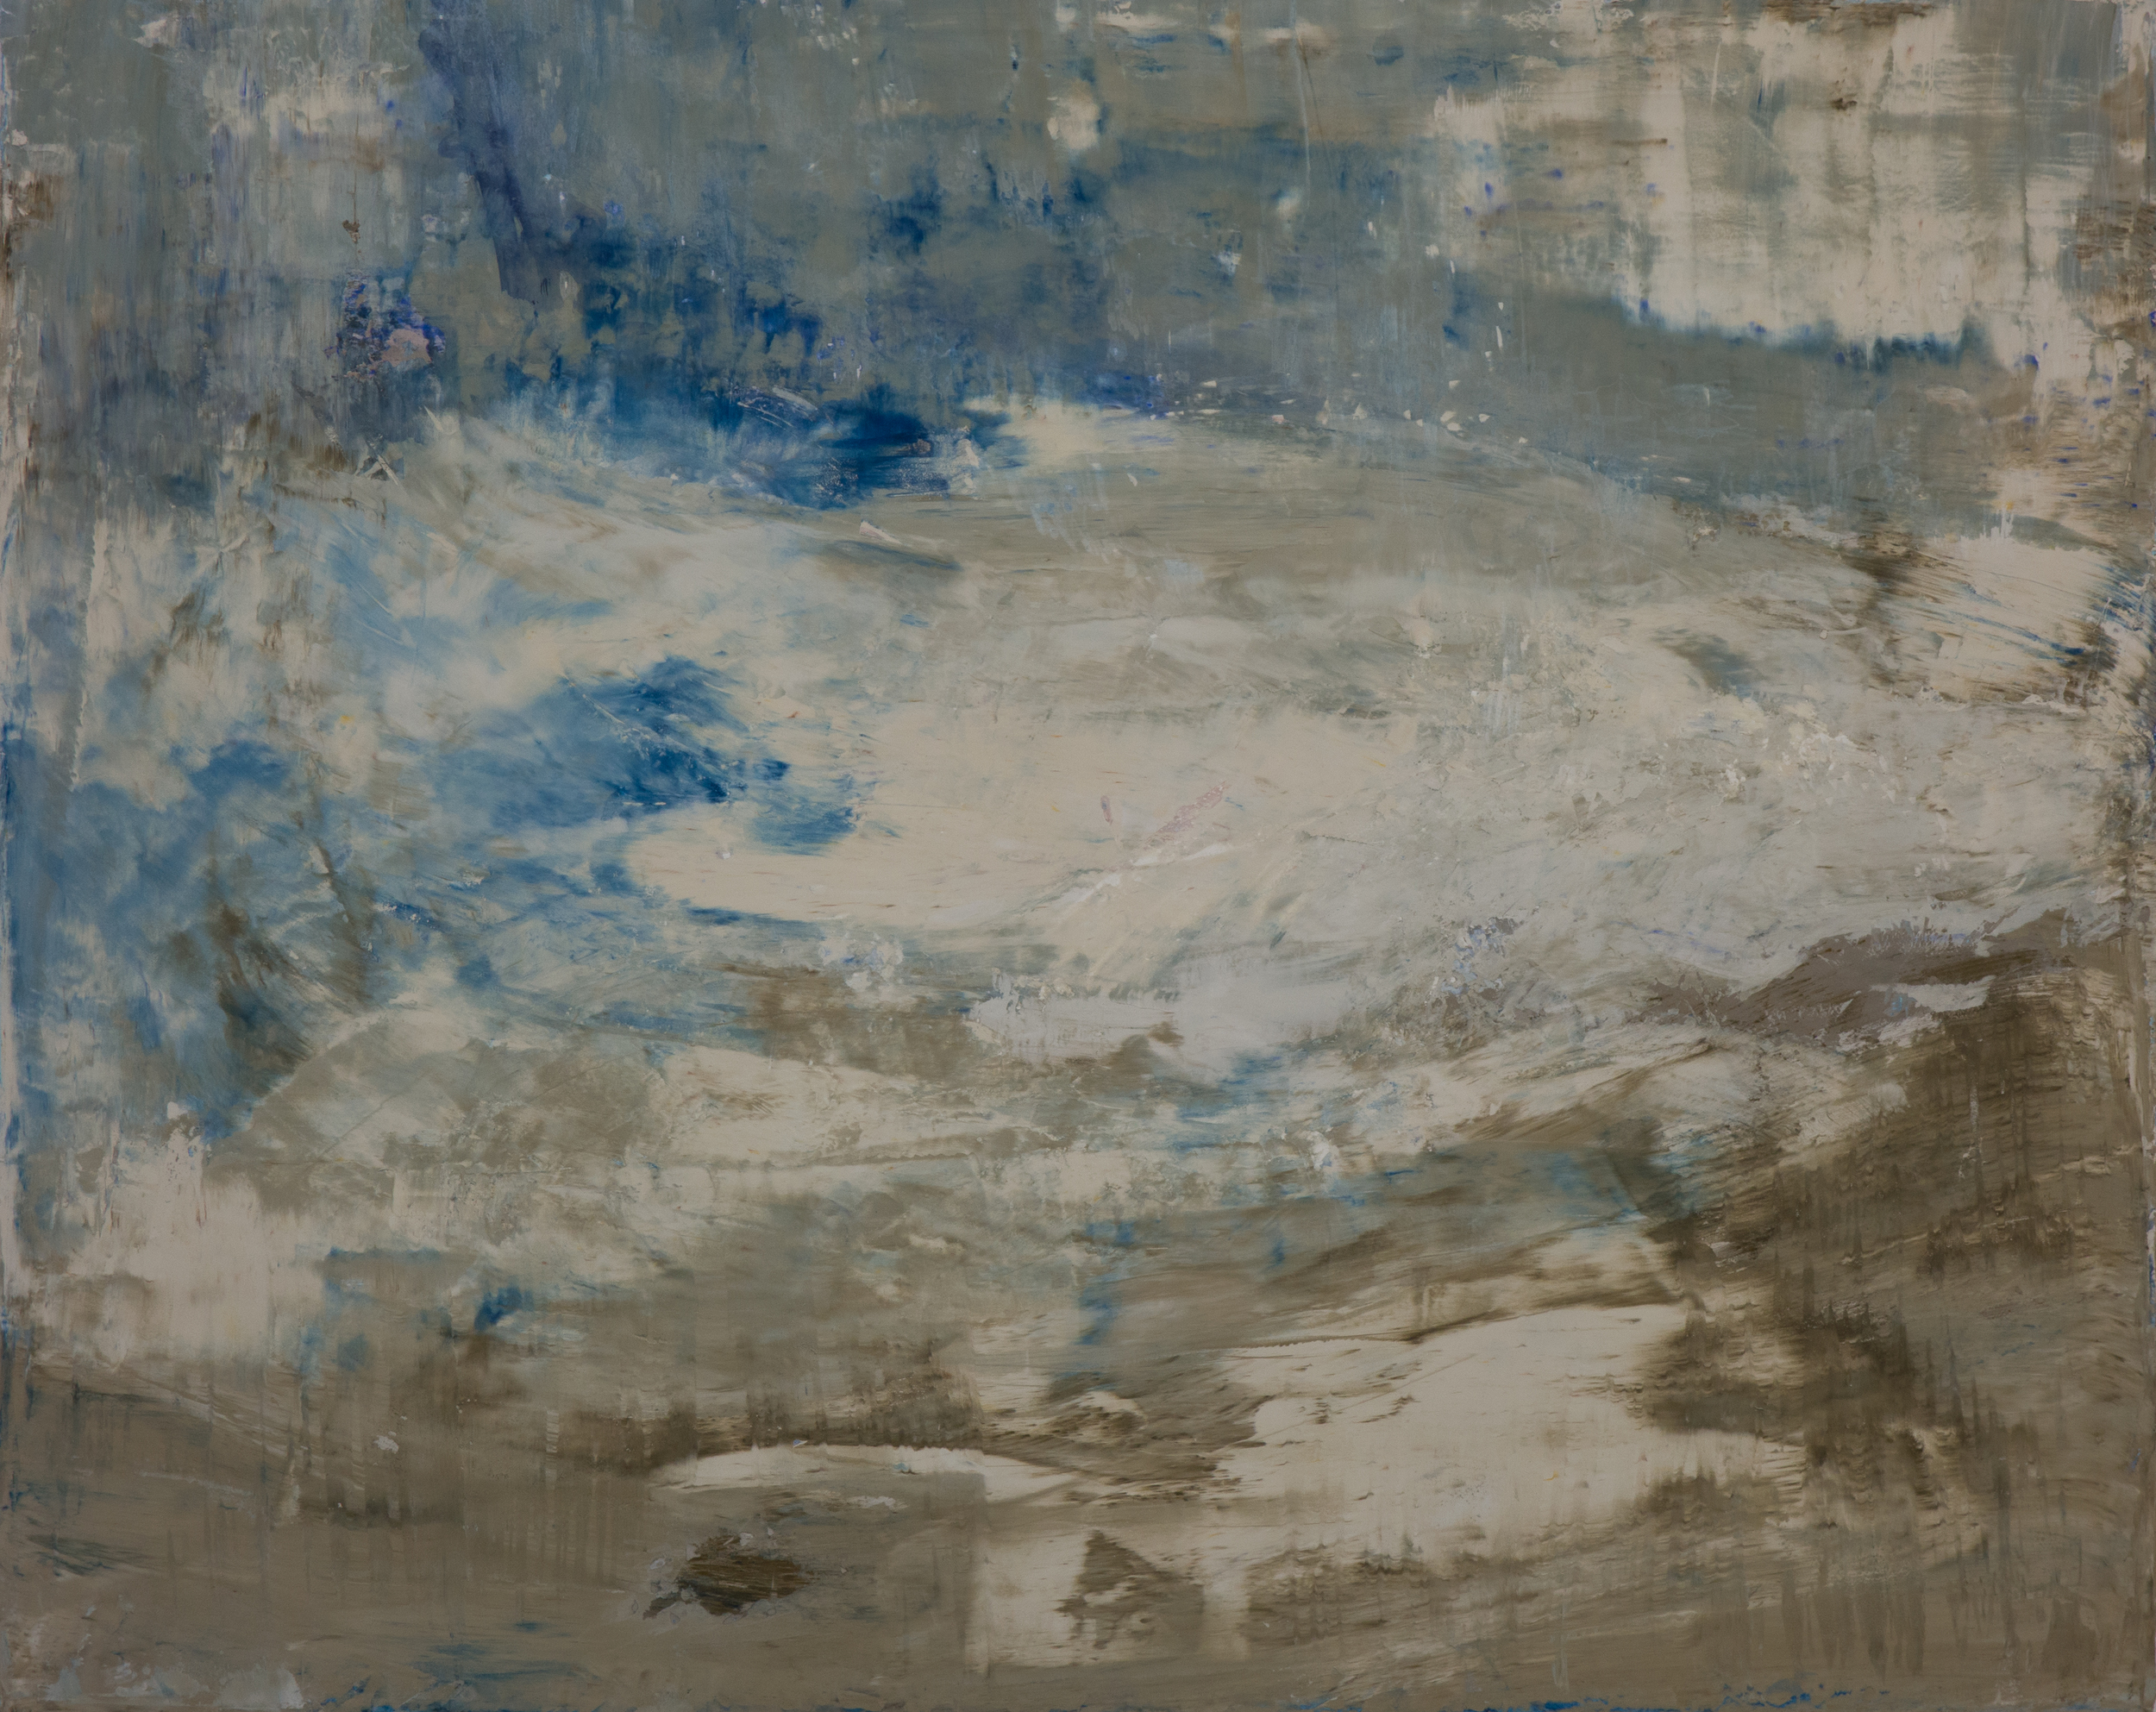 SV-047, Shelley Vanderbyl, Pareidolia 1, 2016, Fresco on Panel,48x60